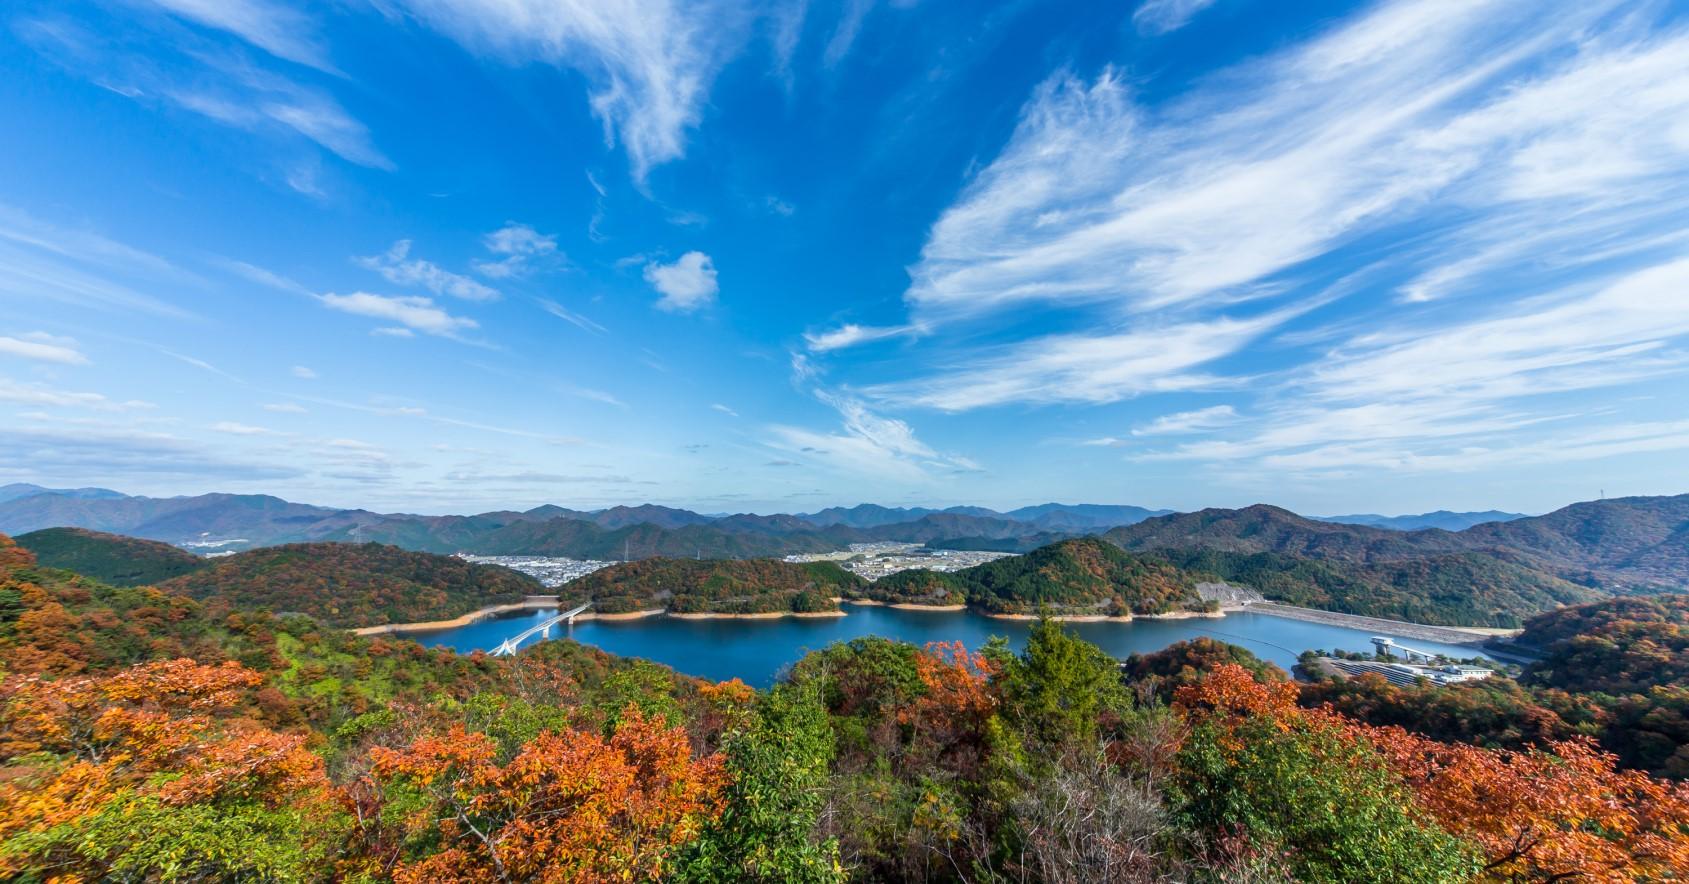 多可町は四方を山々に囲まれた自然豊かな町です。